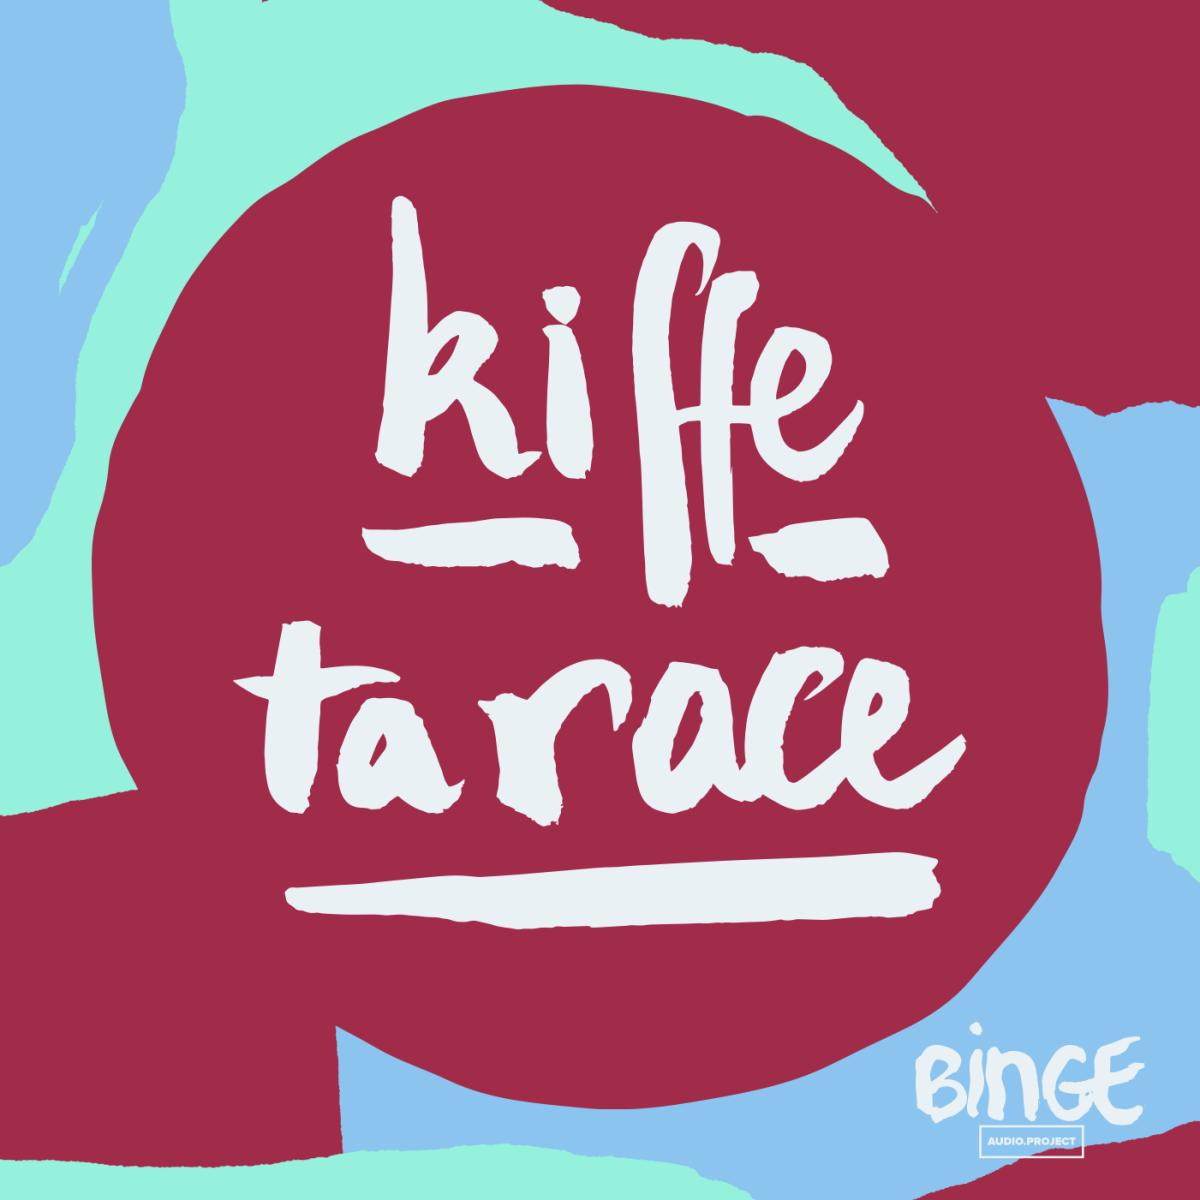 Kiffe ta race podcast